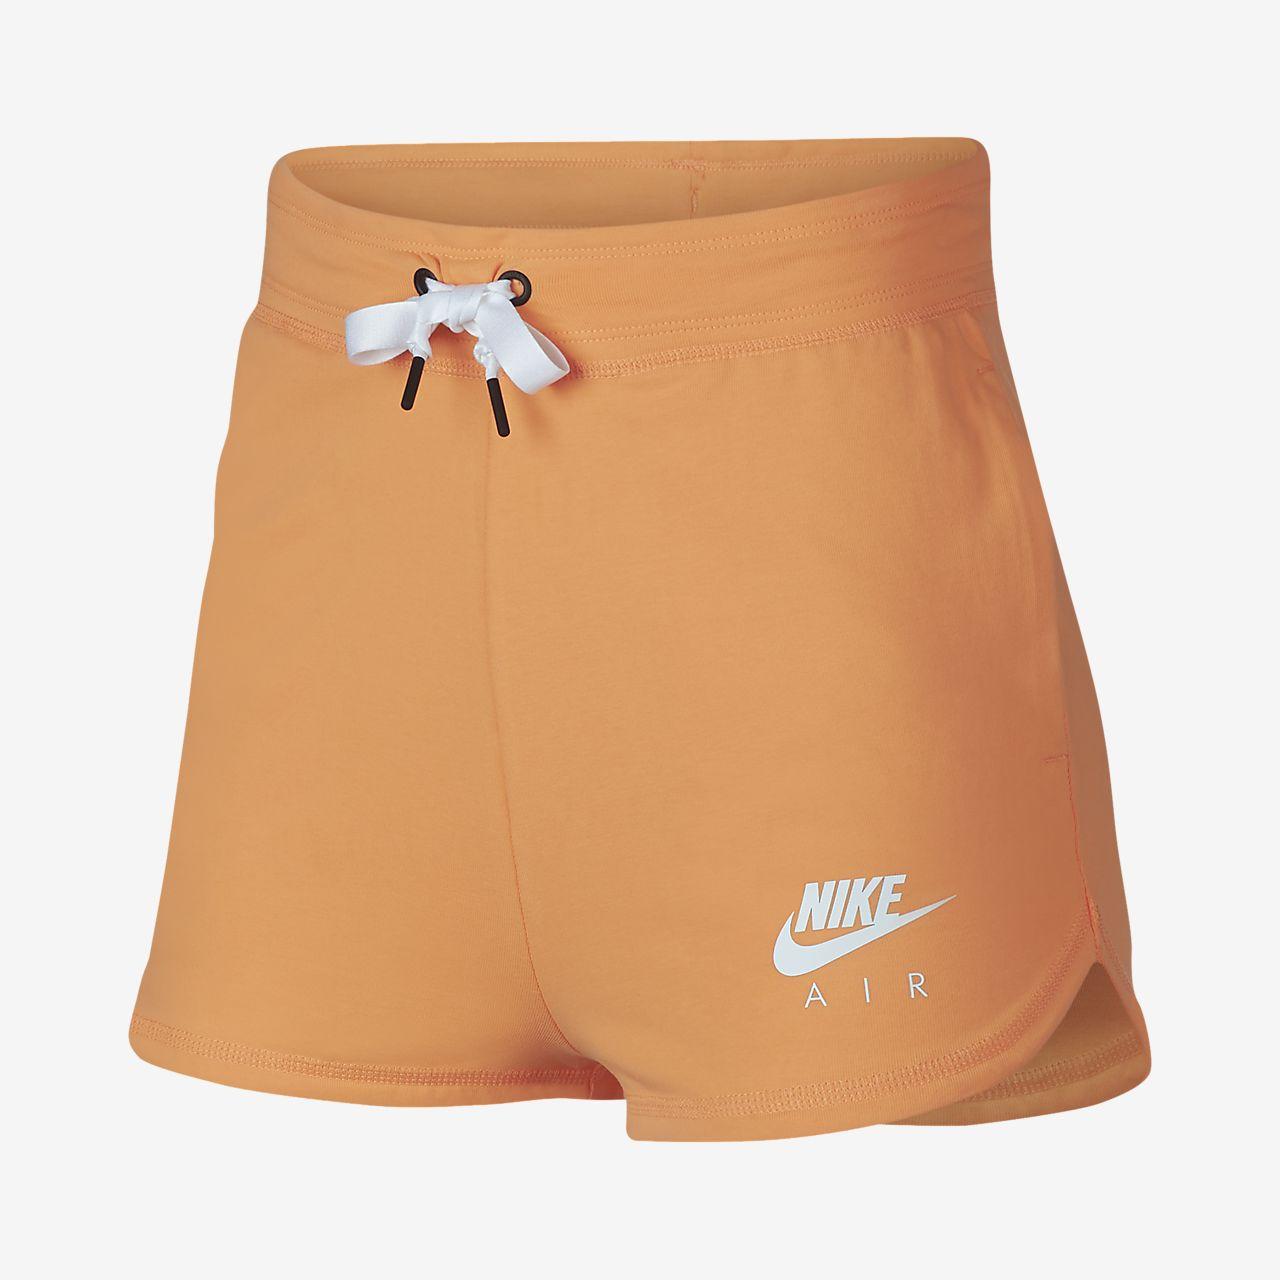 Shorts Nike Air för kvinnor